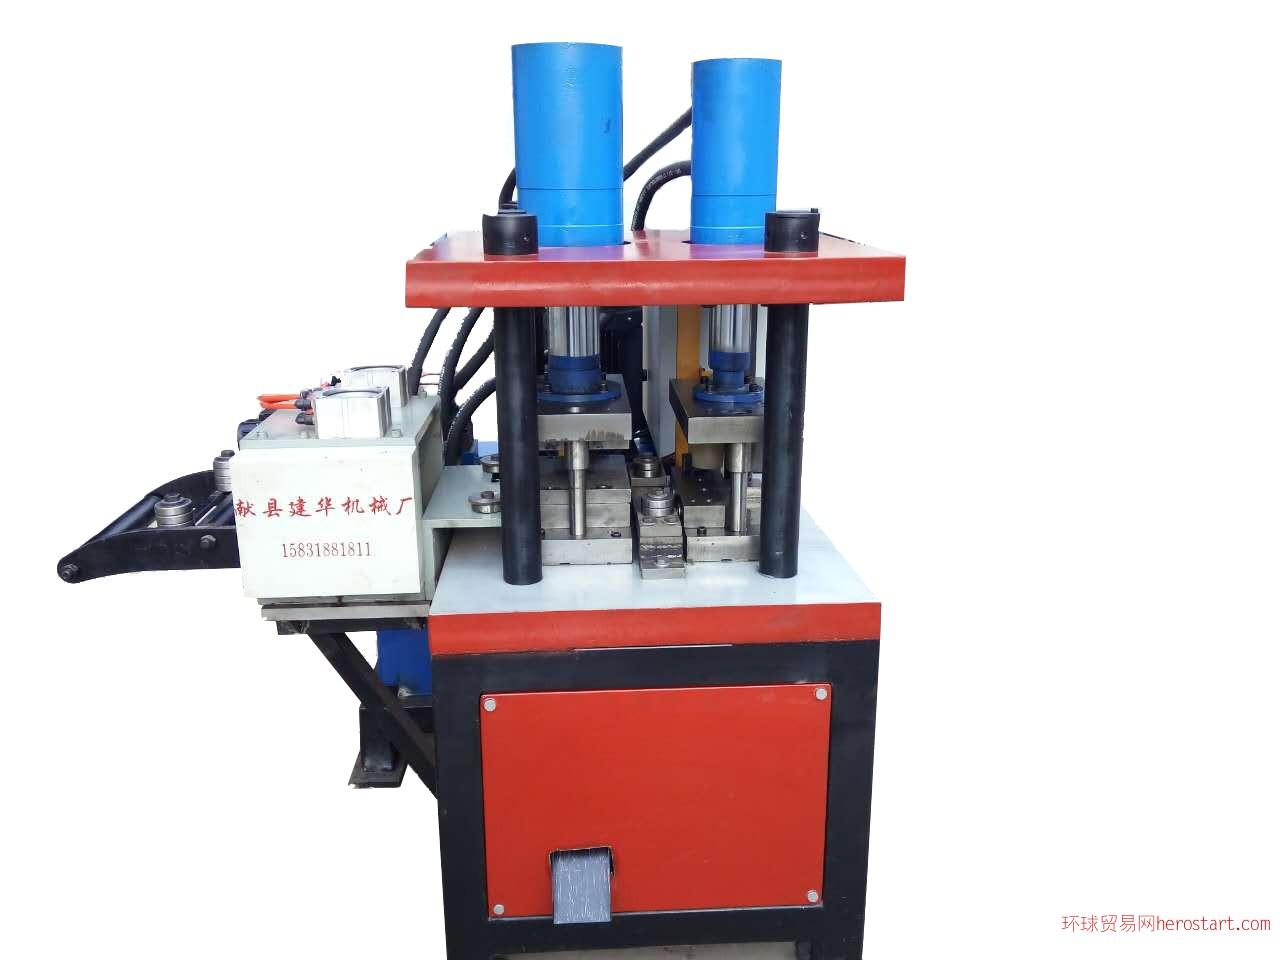 建华直供液压冲孔机 操作简单 寿命长 行业领先